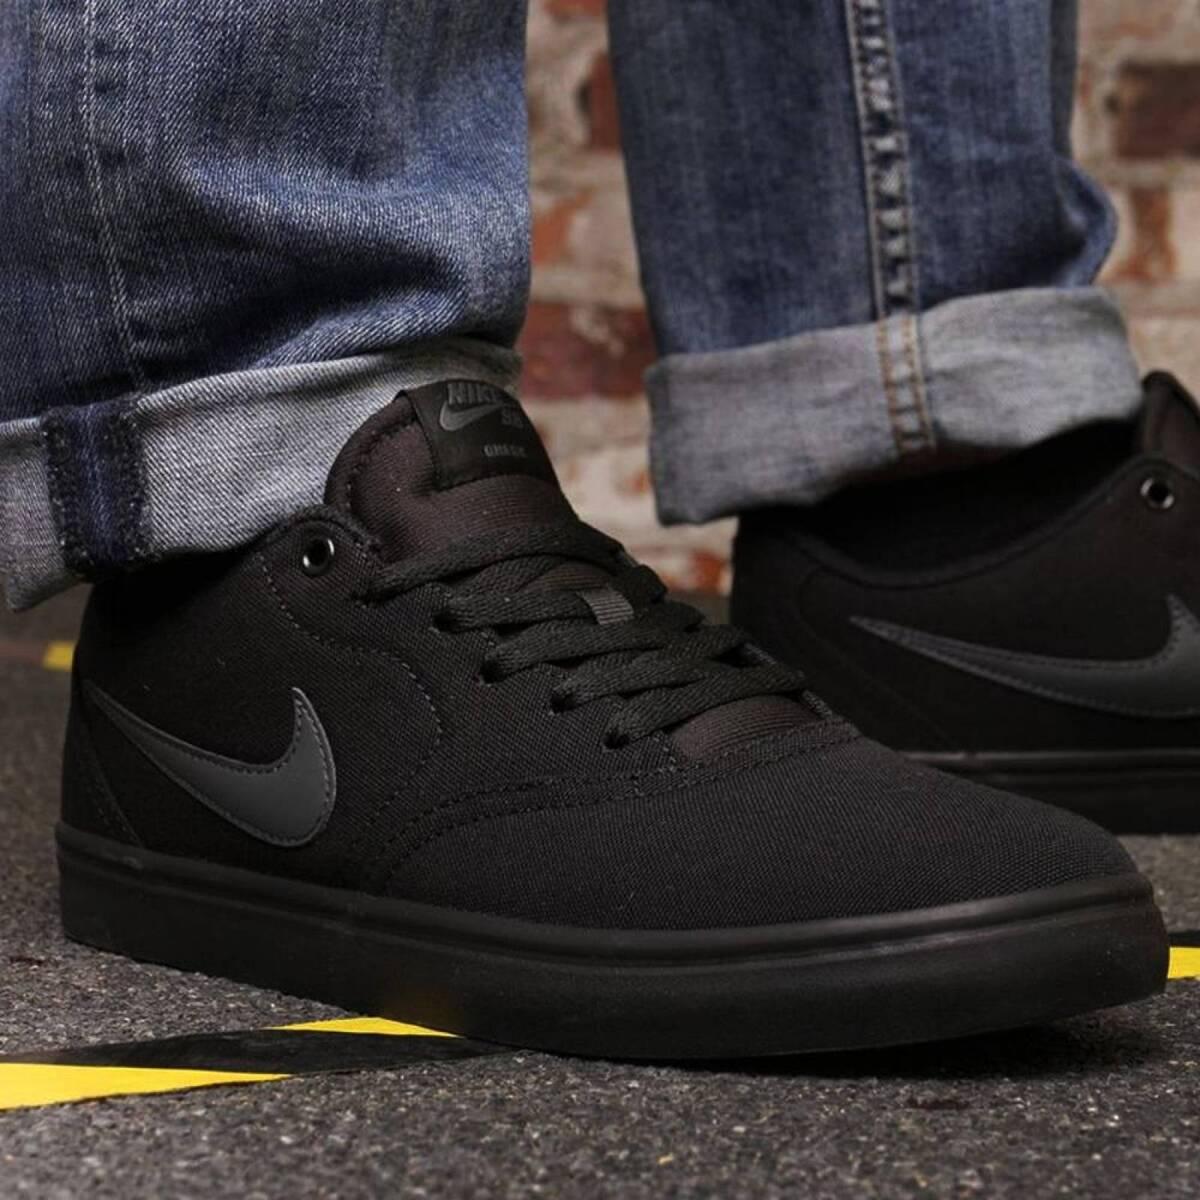 Calzado Nike Sb Check Solar Cnvs Masc N1 Cod 843896002 Nike New York Store No Paraguay Tienda Online De Ropas Accesorios Y Calzados